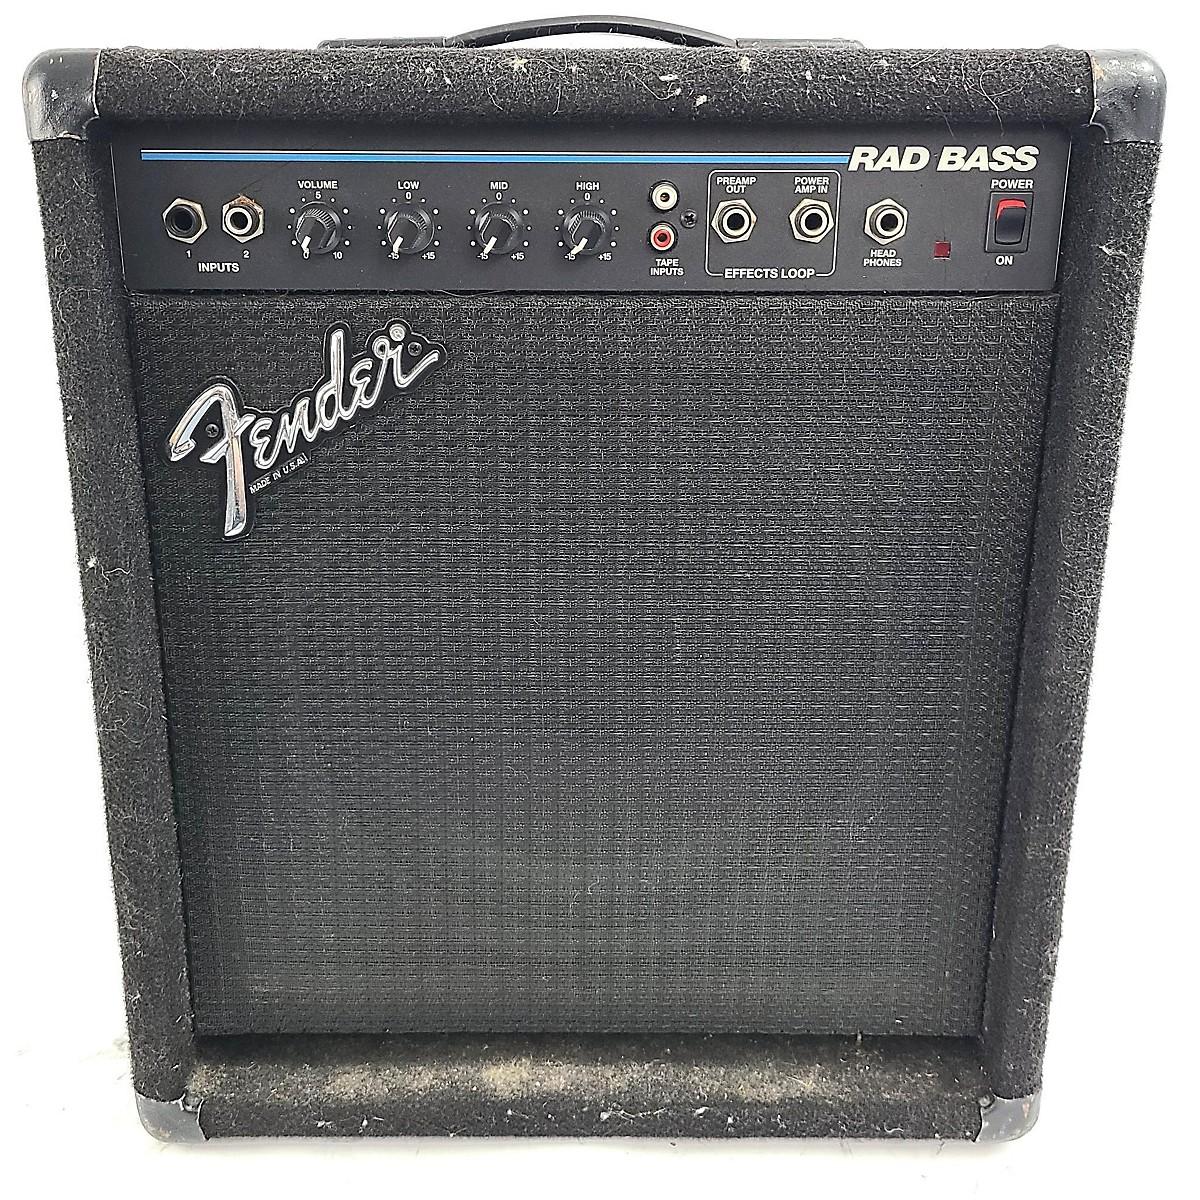 Fender RAD BASS Bass Combo Amp